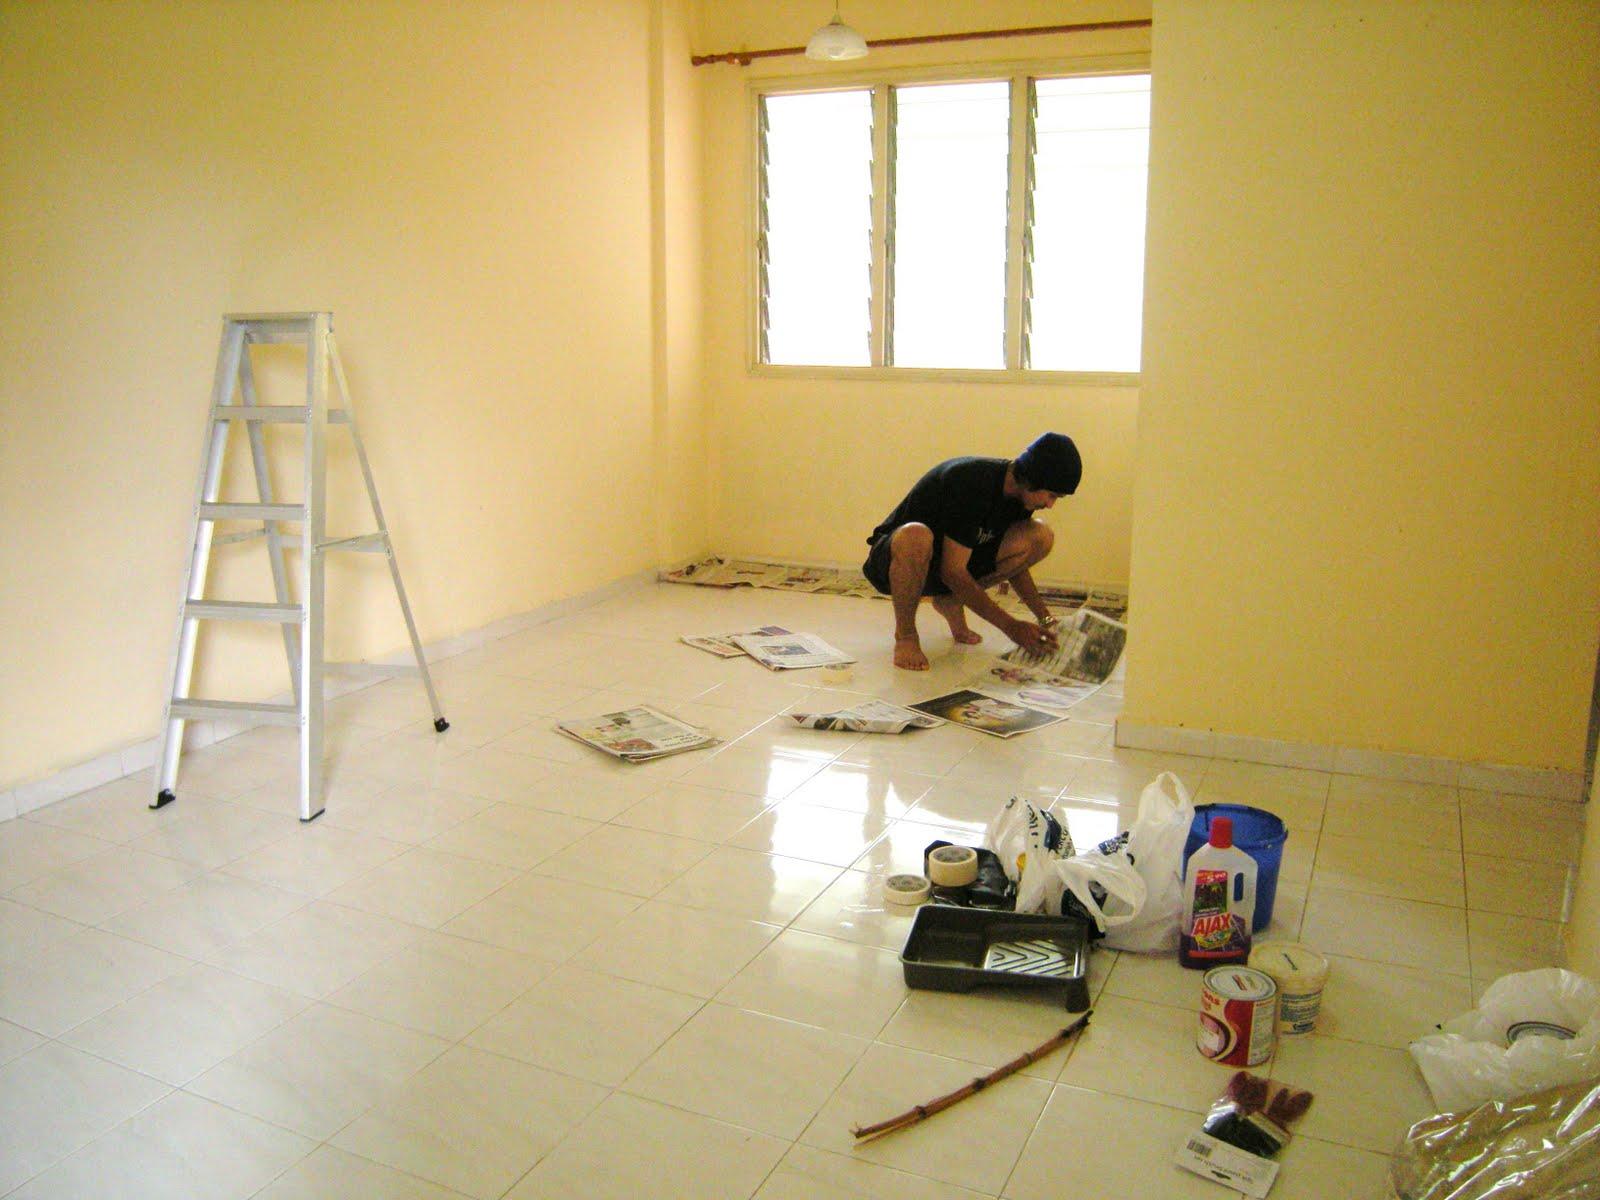 Foto Zaza 7 Tips Wallpaper Kertas Dinding Untuk Rumah ... - photo#20